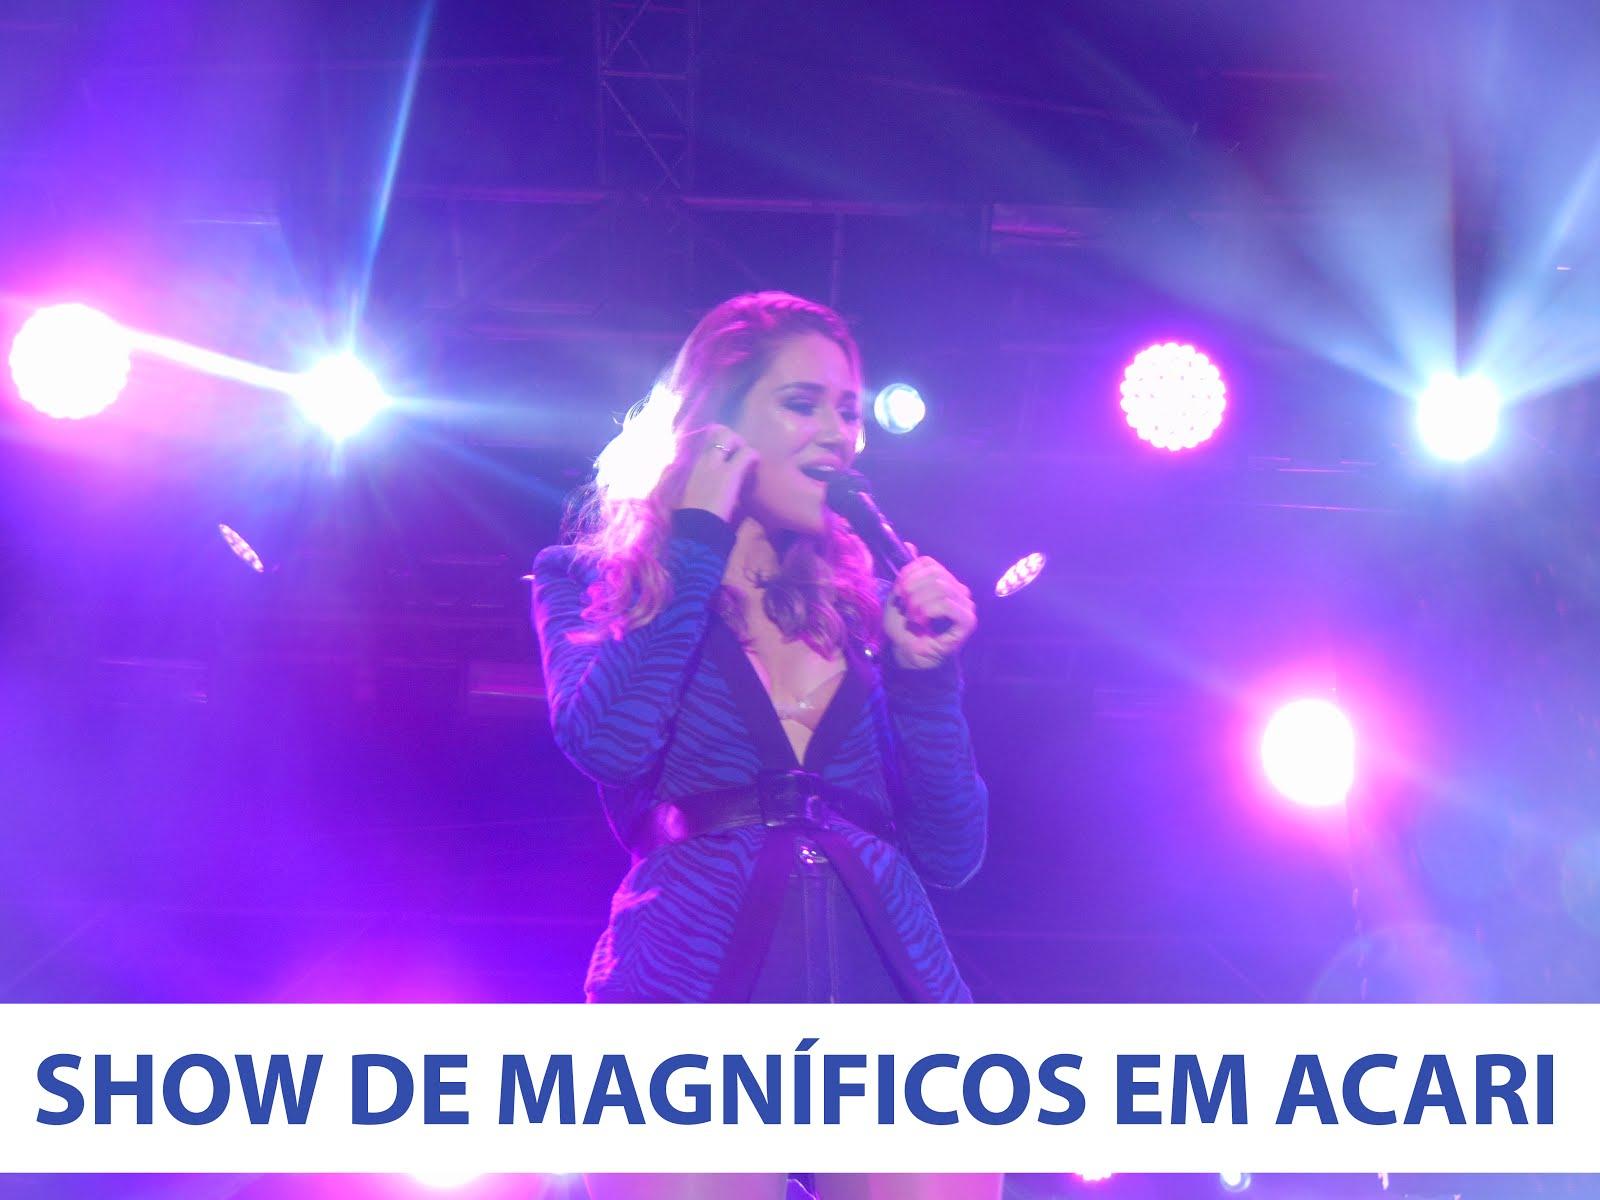 CONFIRA O SHOW DE MAGNÍFICOS EM ACARÍ